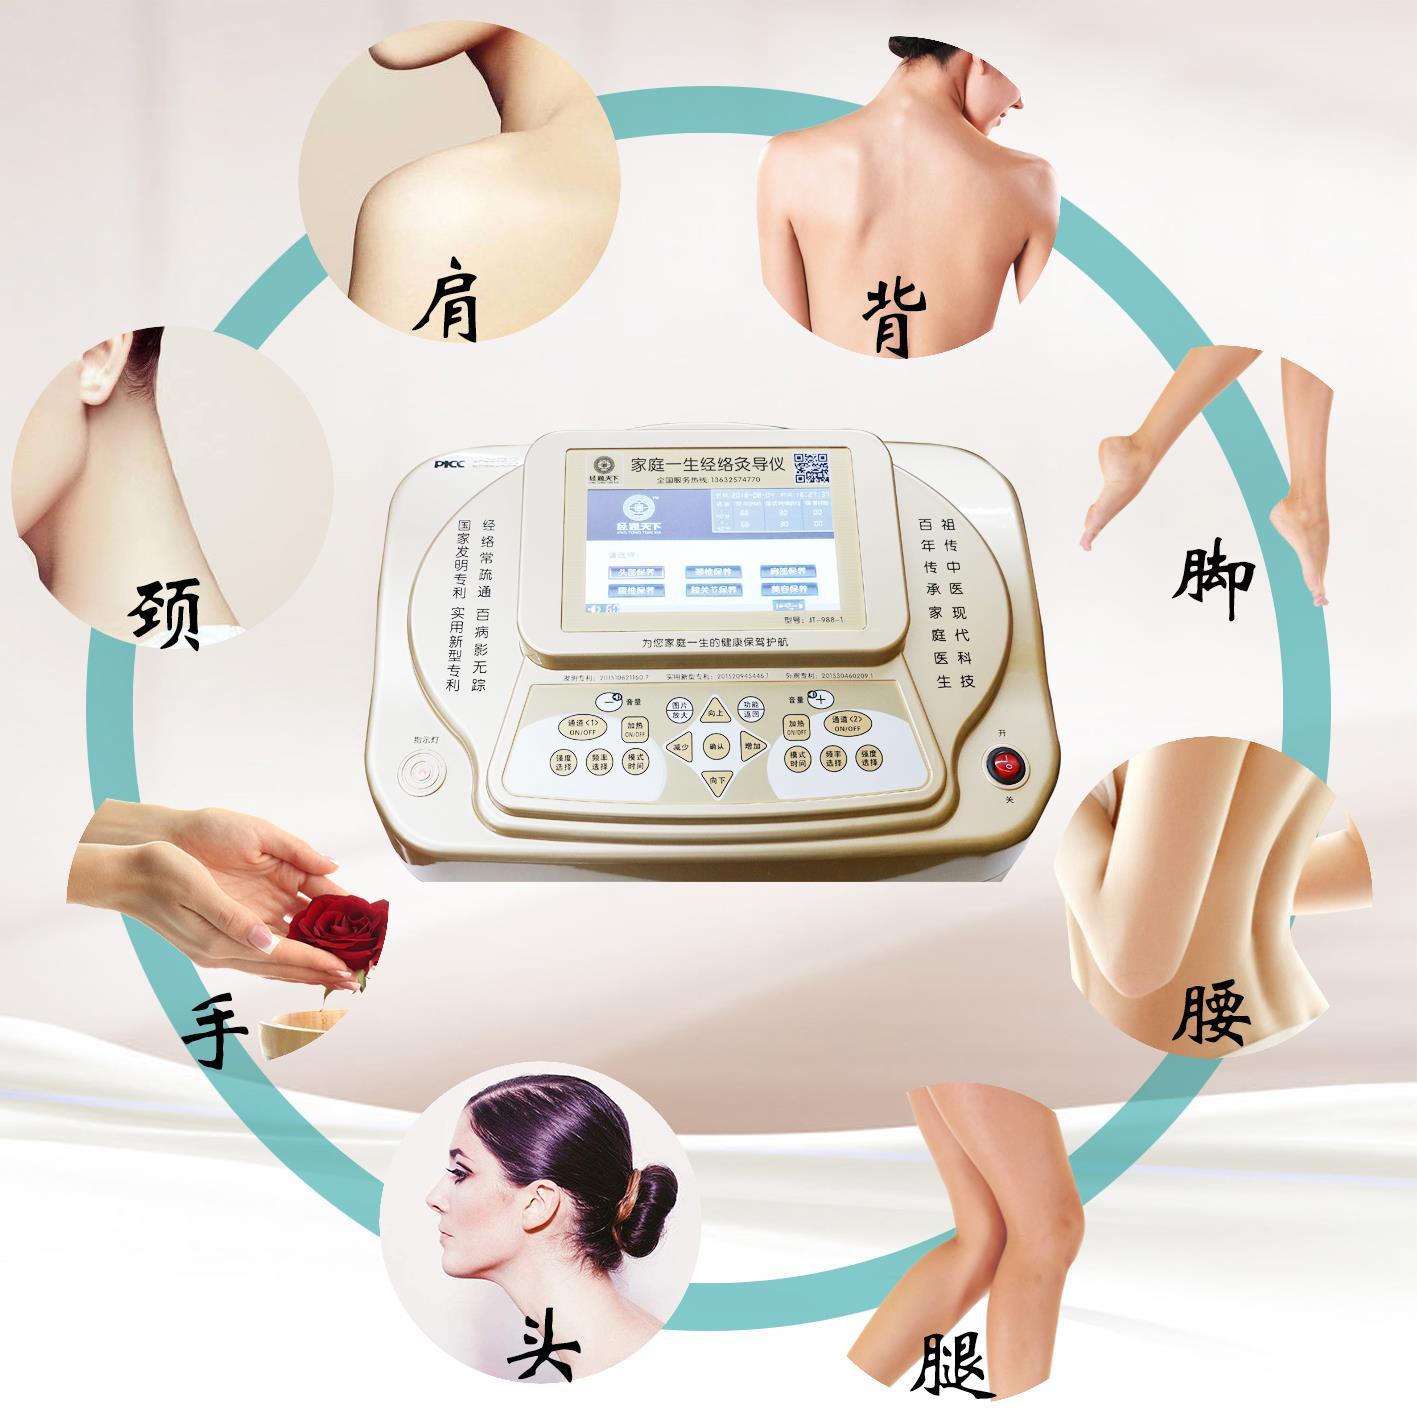 南京全新经通天下经络灸导仪电话